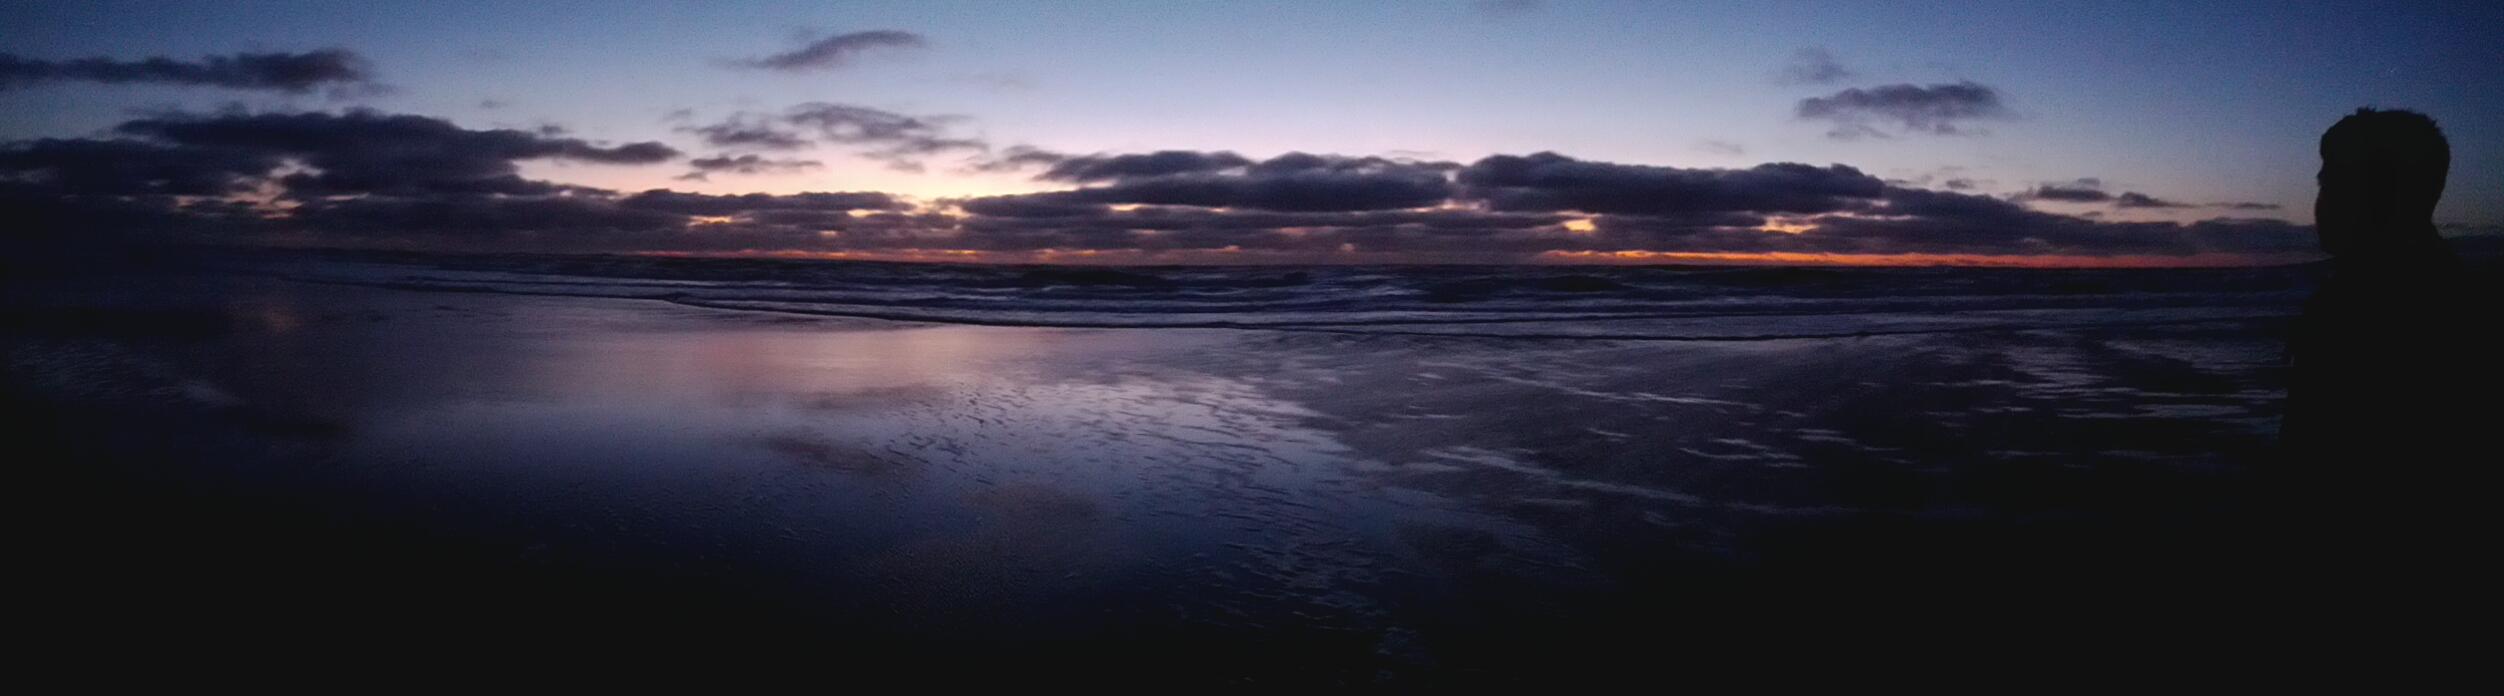 san-fran-beach